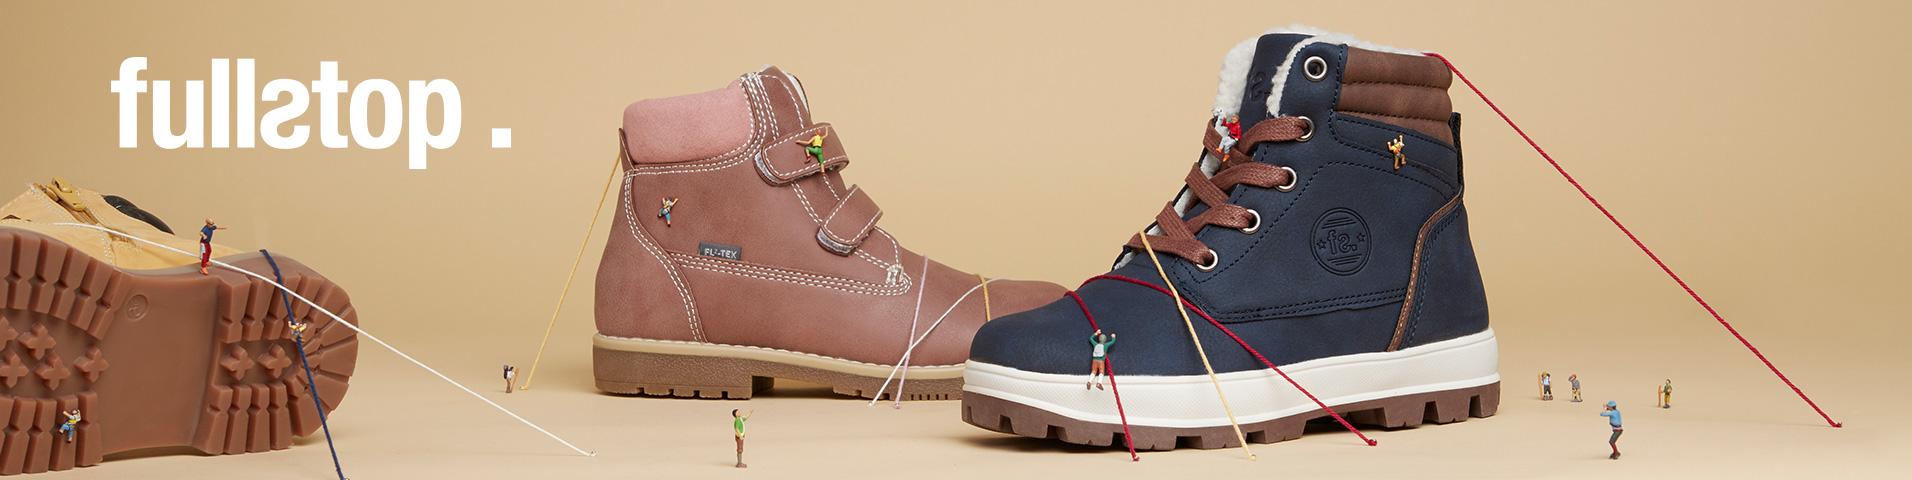 Odzież i buty dziecięce fullstop. w Zalando